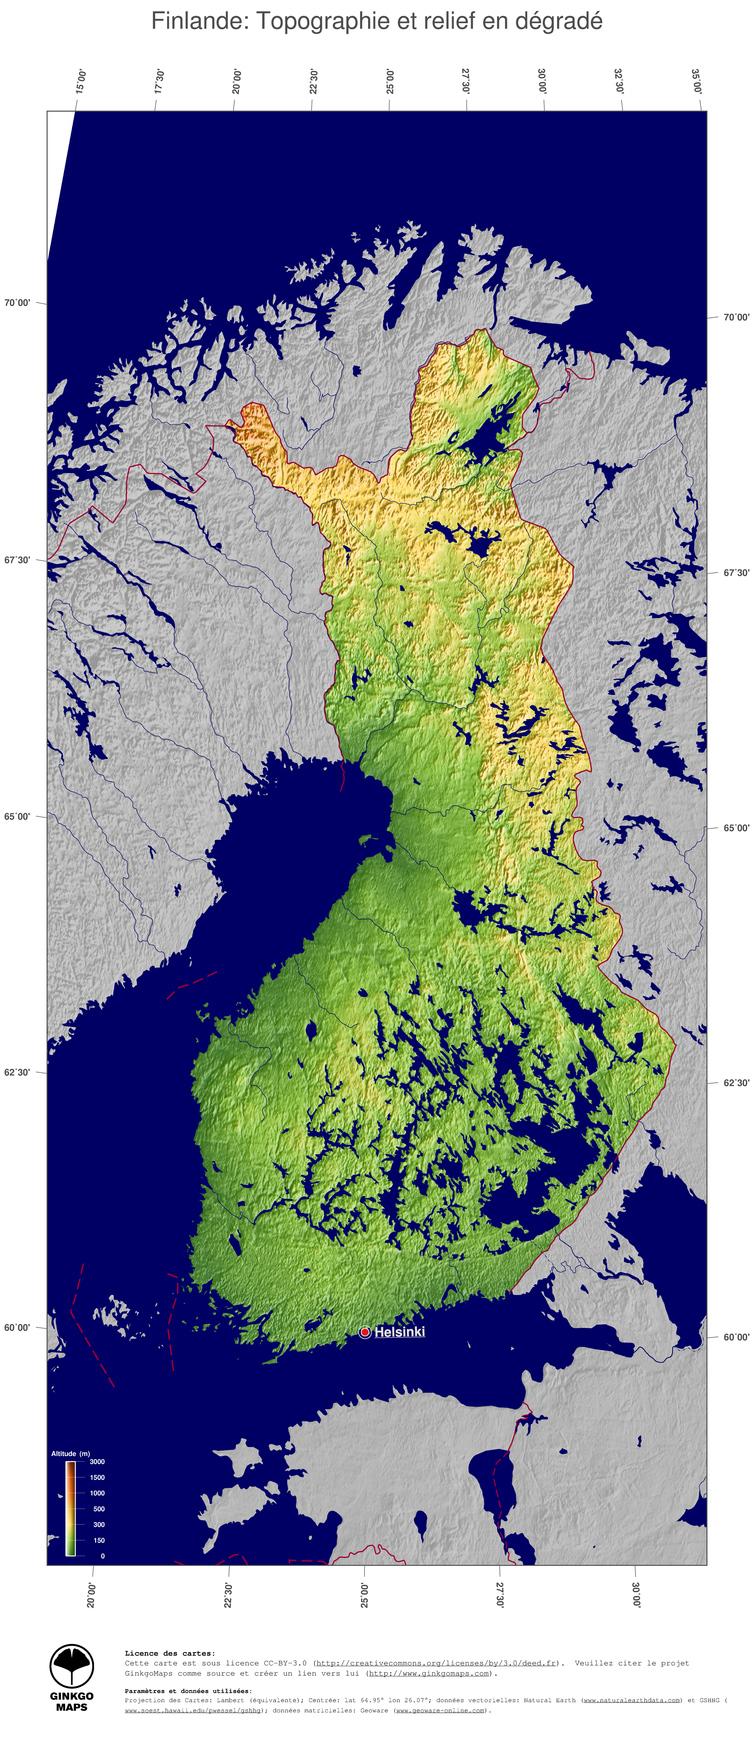 finlande relief